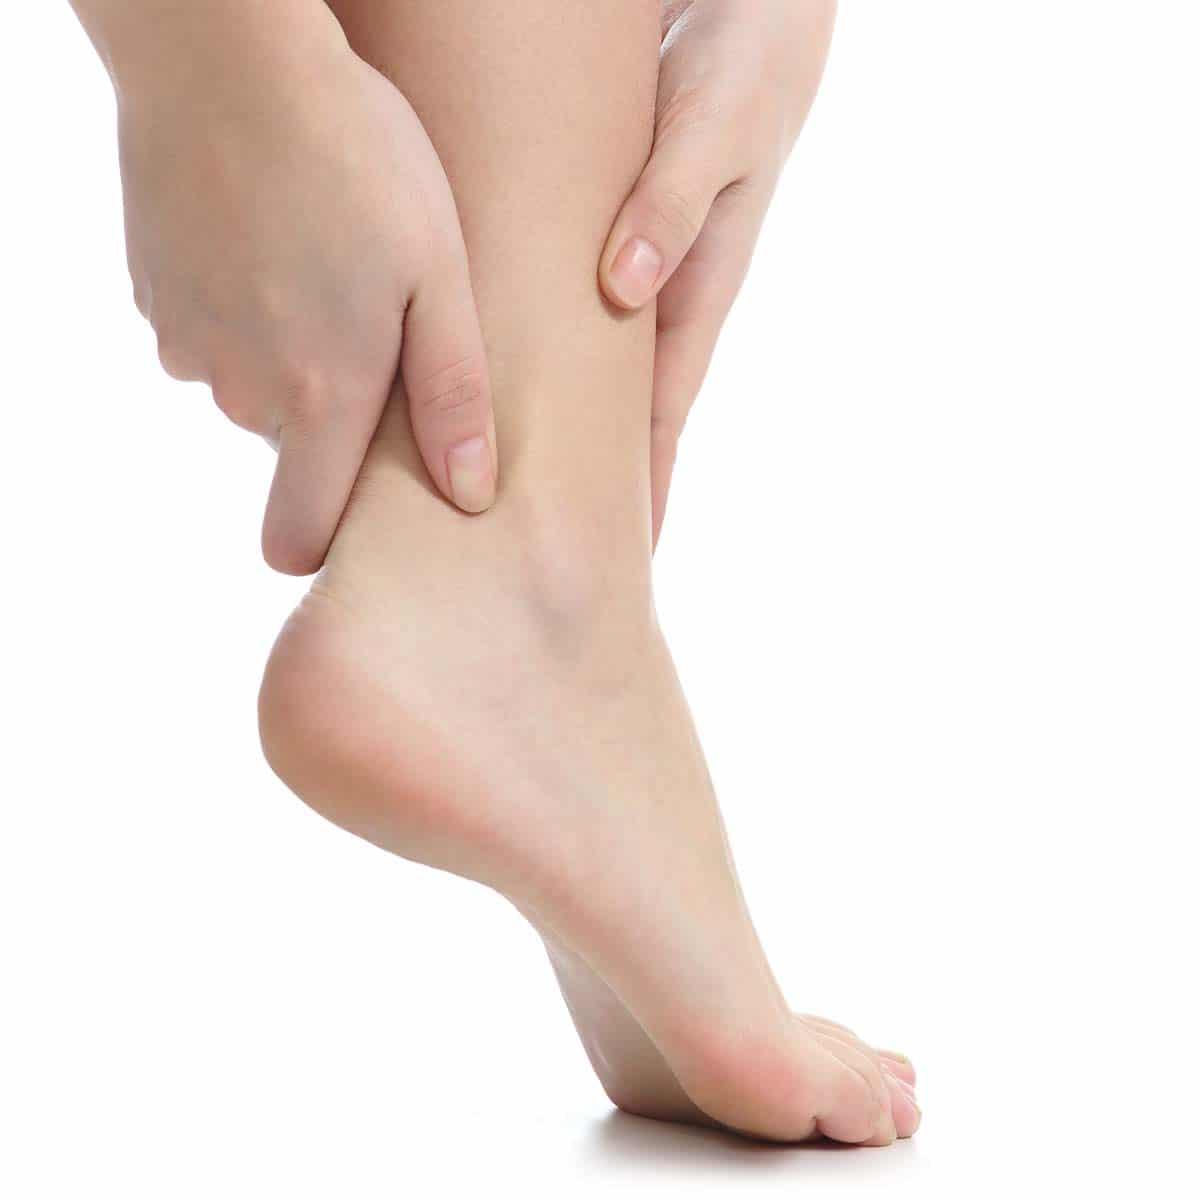 Schmerzen am Sprunggelenk, Fuß sowie Knöchel - Symptome einer Sprunggelenksarthrose